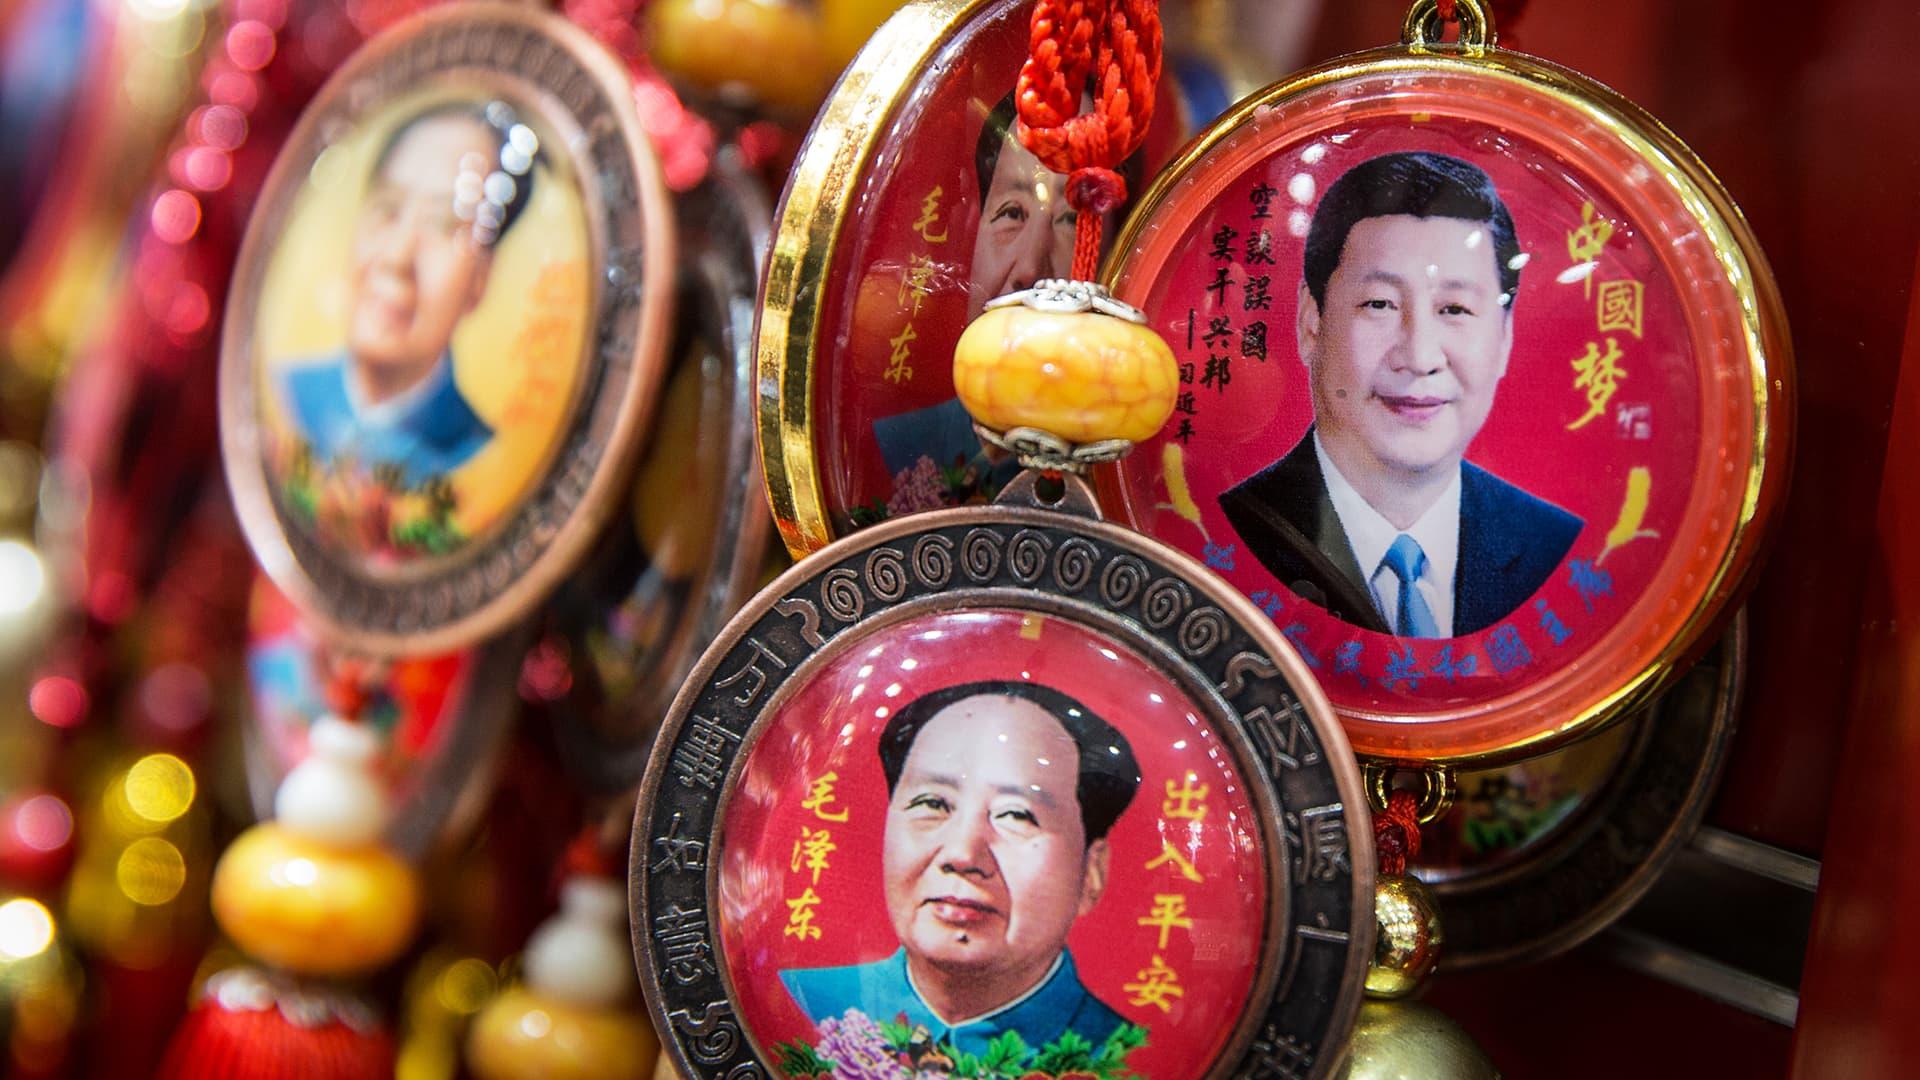 Matkamuistoja Xi Jinpingin ja Mao Zedongin kuvilla myynnissä Pekingissä.